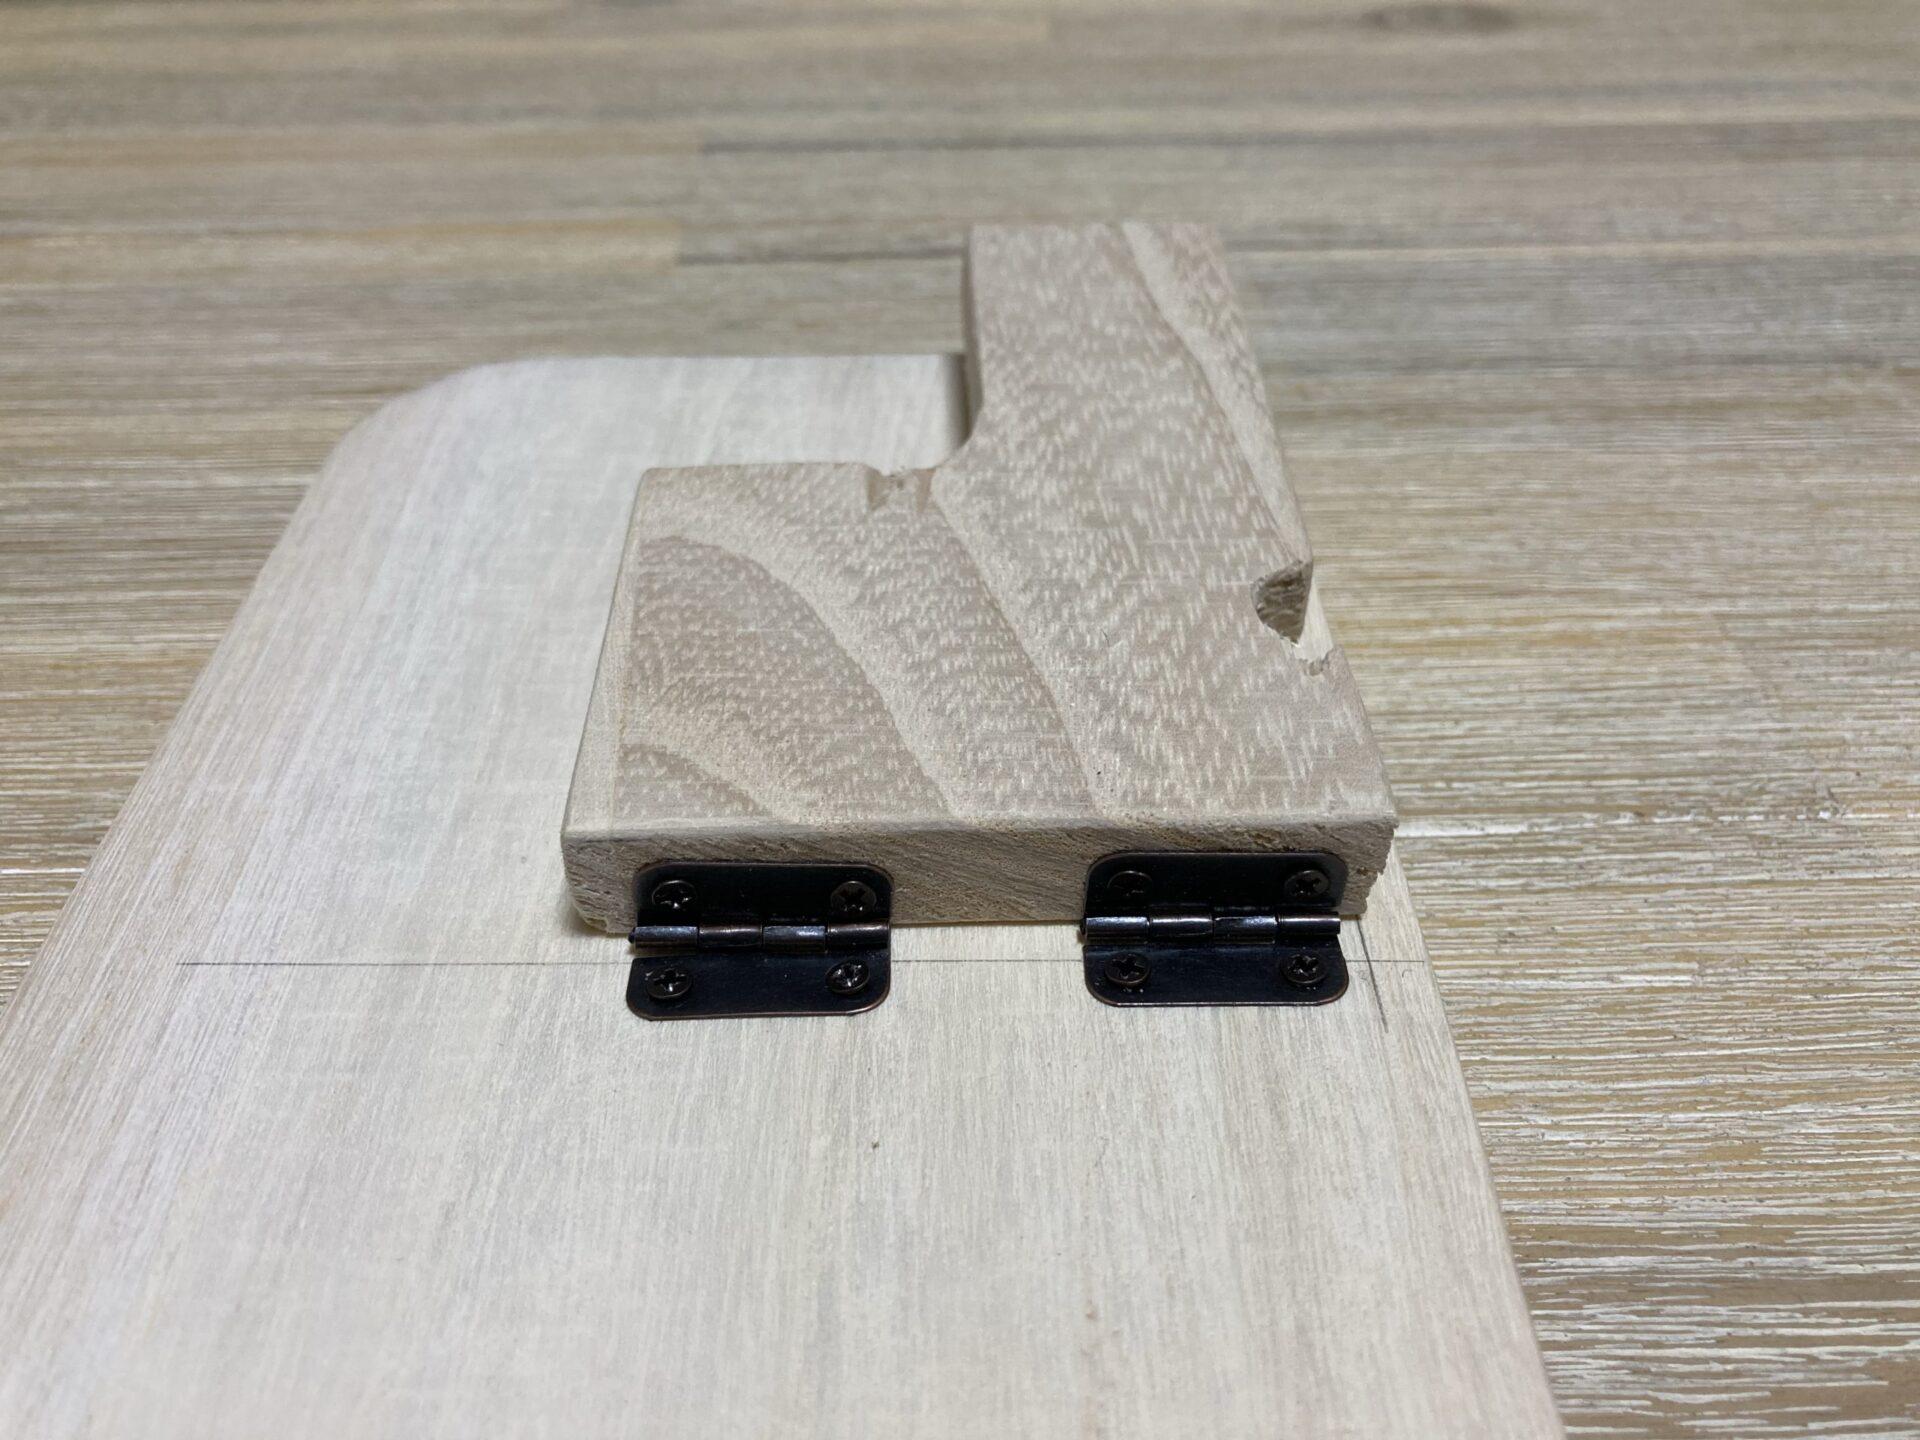 スチベルテーブルGT製作手順5.組み立て